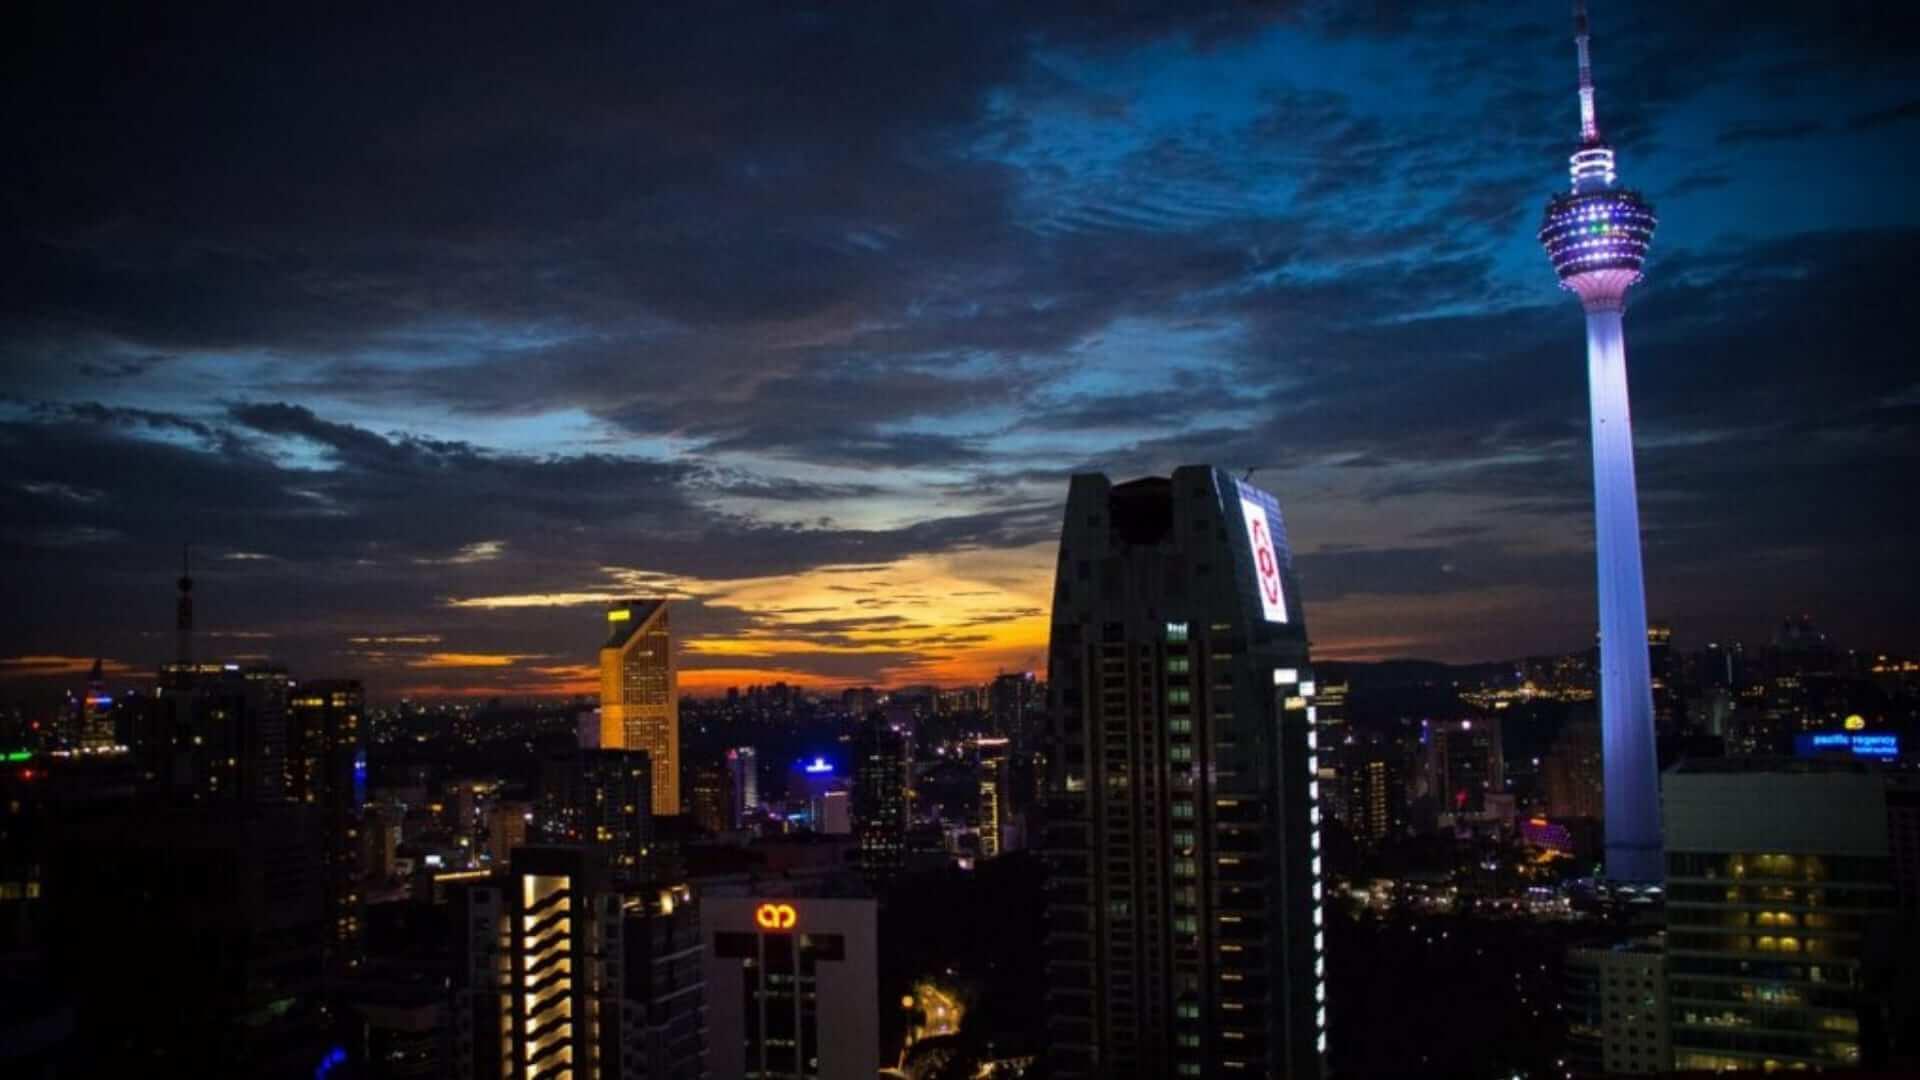 Buildings in Kuala Lumpur during sunset in Malaysia.